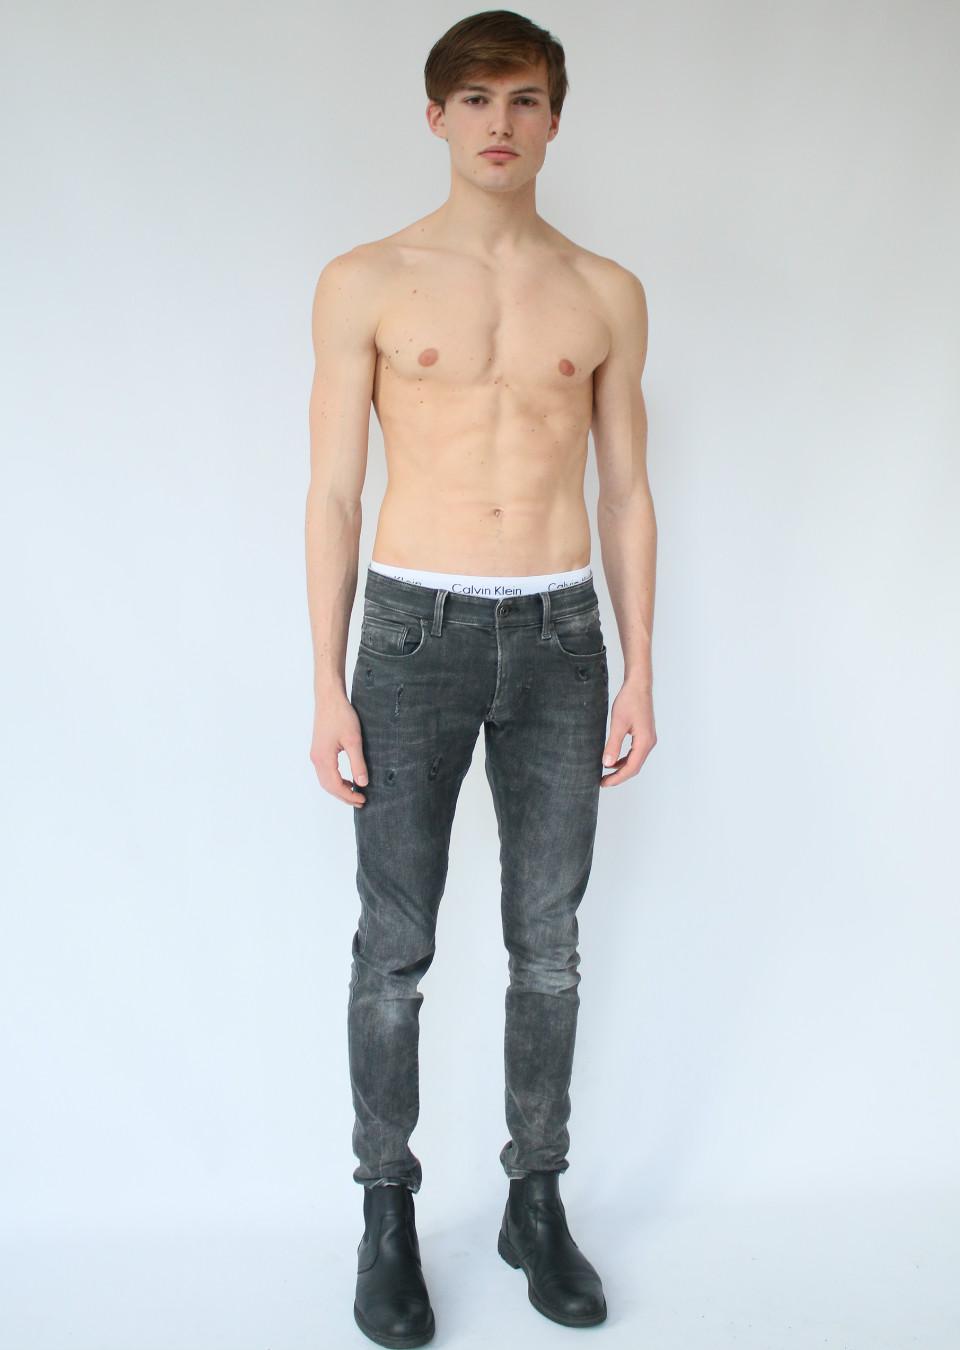 Men Max Models